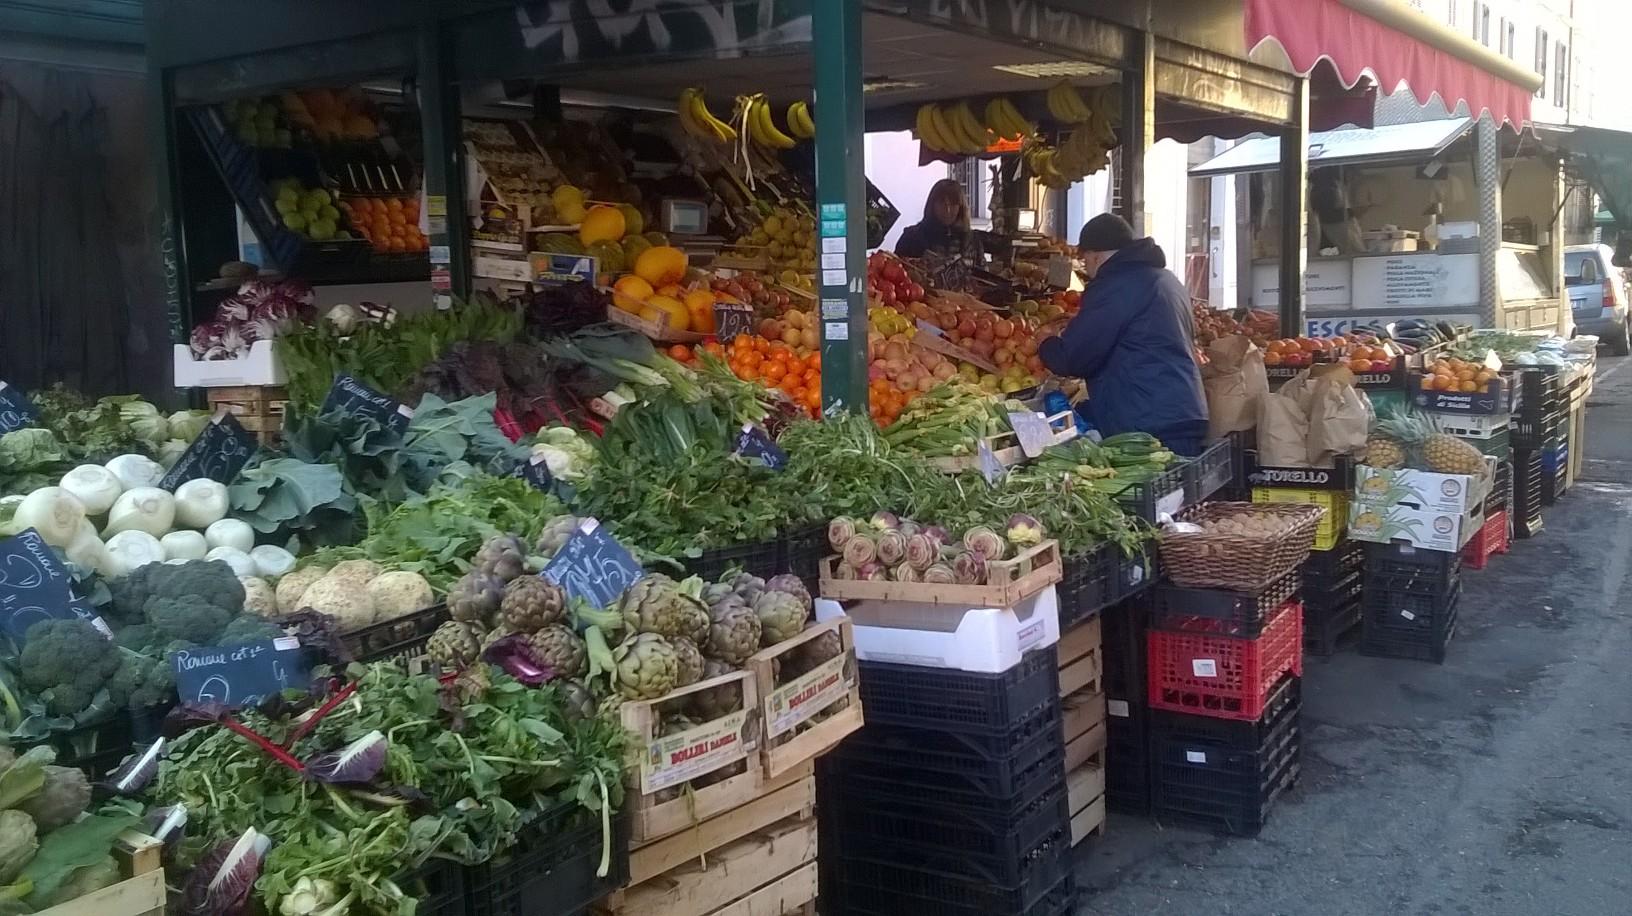 Banchi fuori mercato in via Santi Quattro(Foto P.Gelsomini)